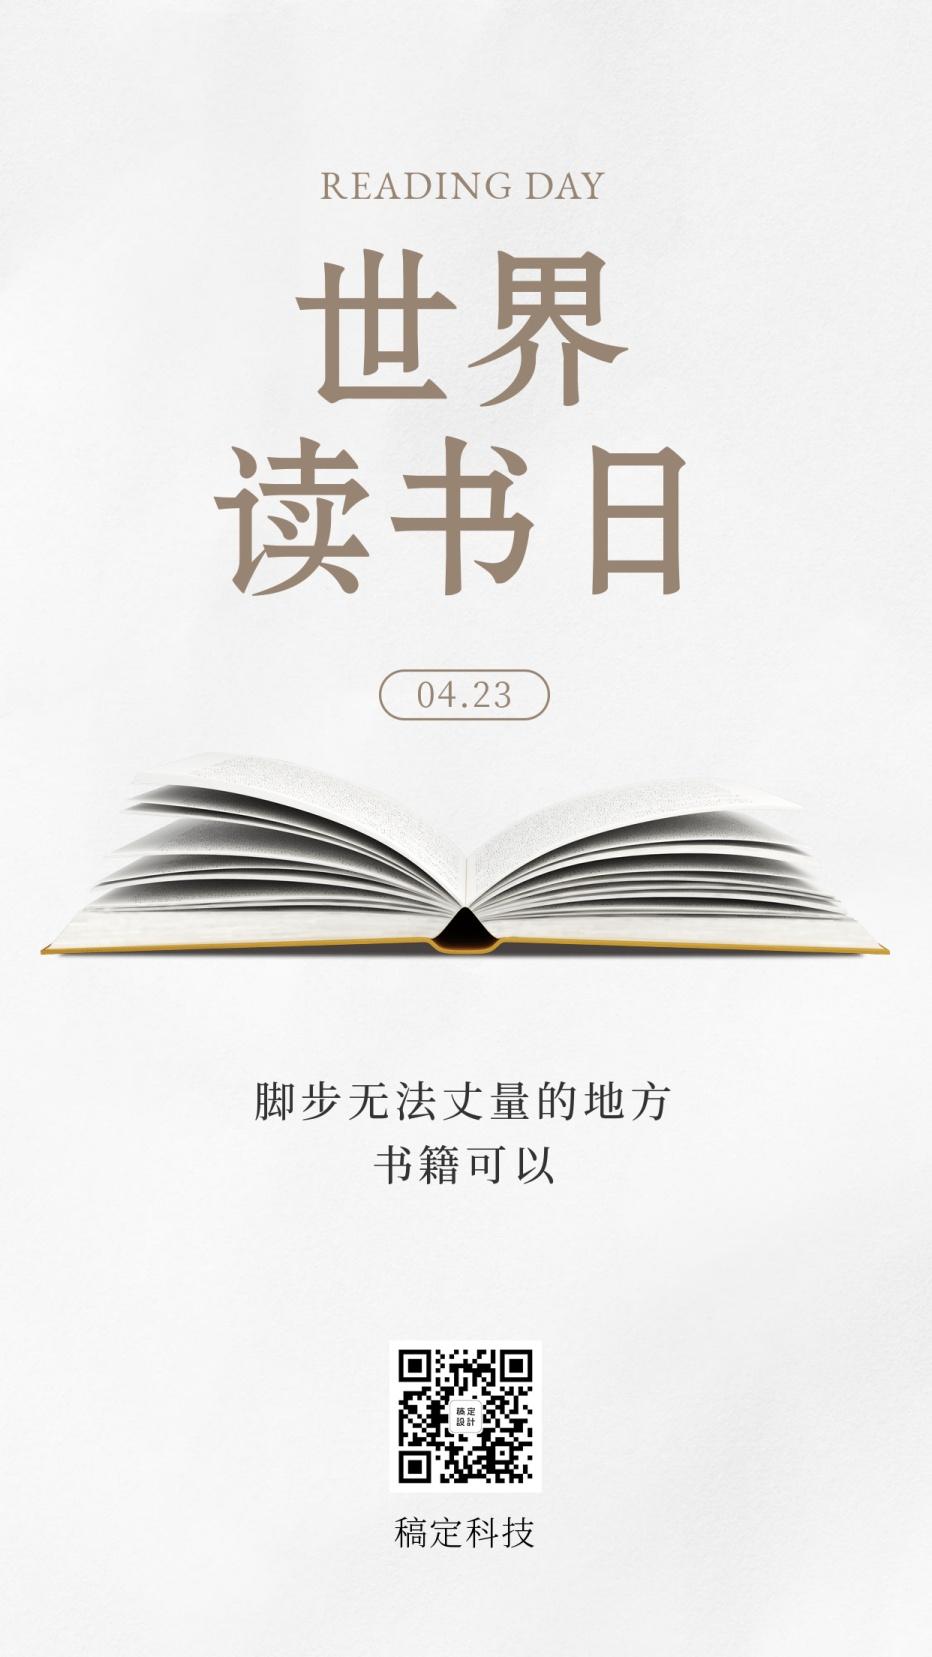 世界读书日简约文艺手机海报